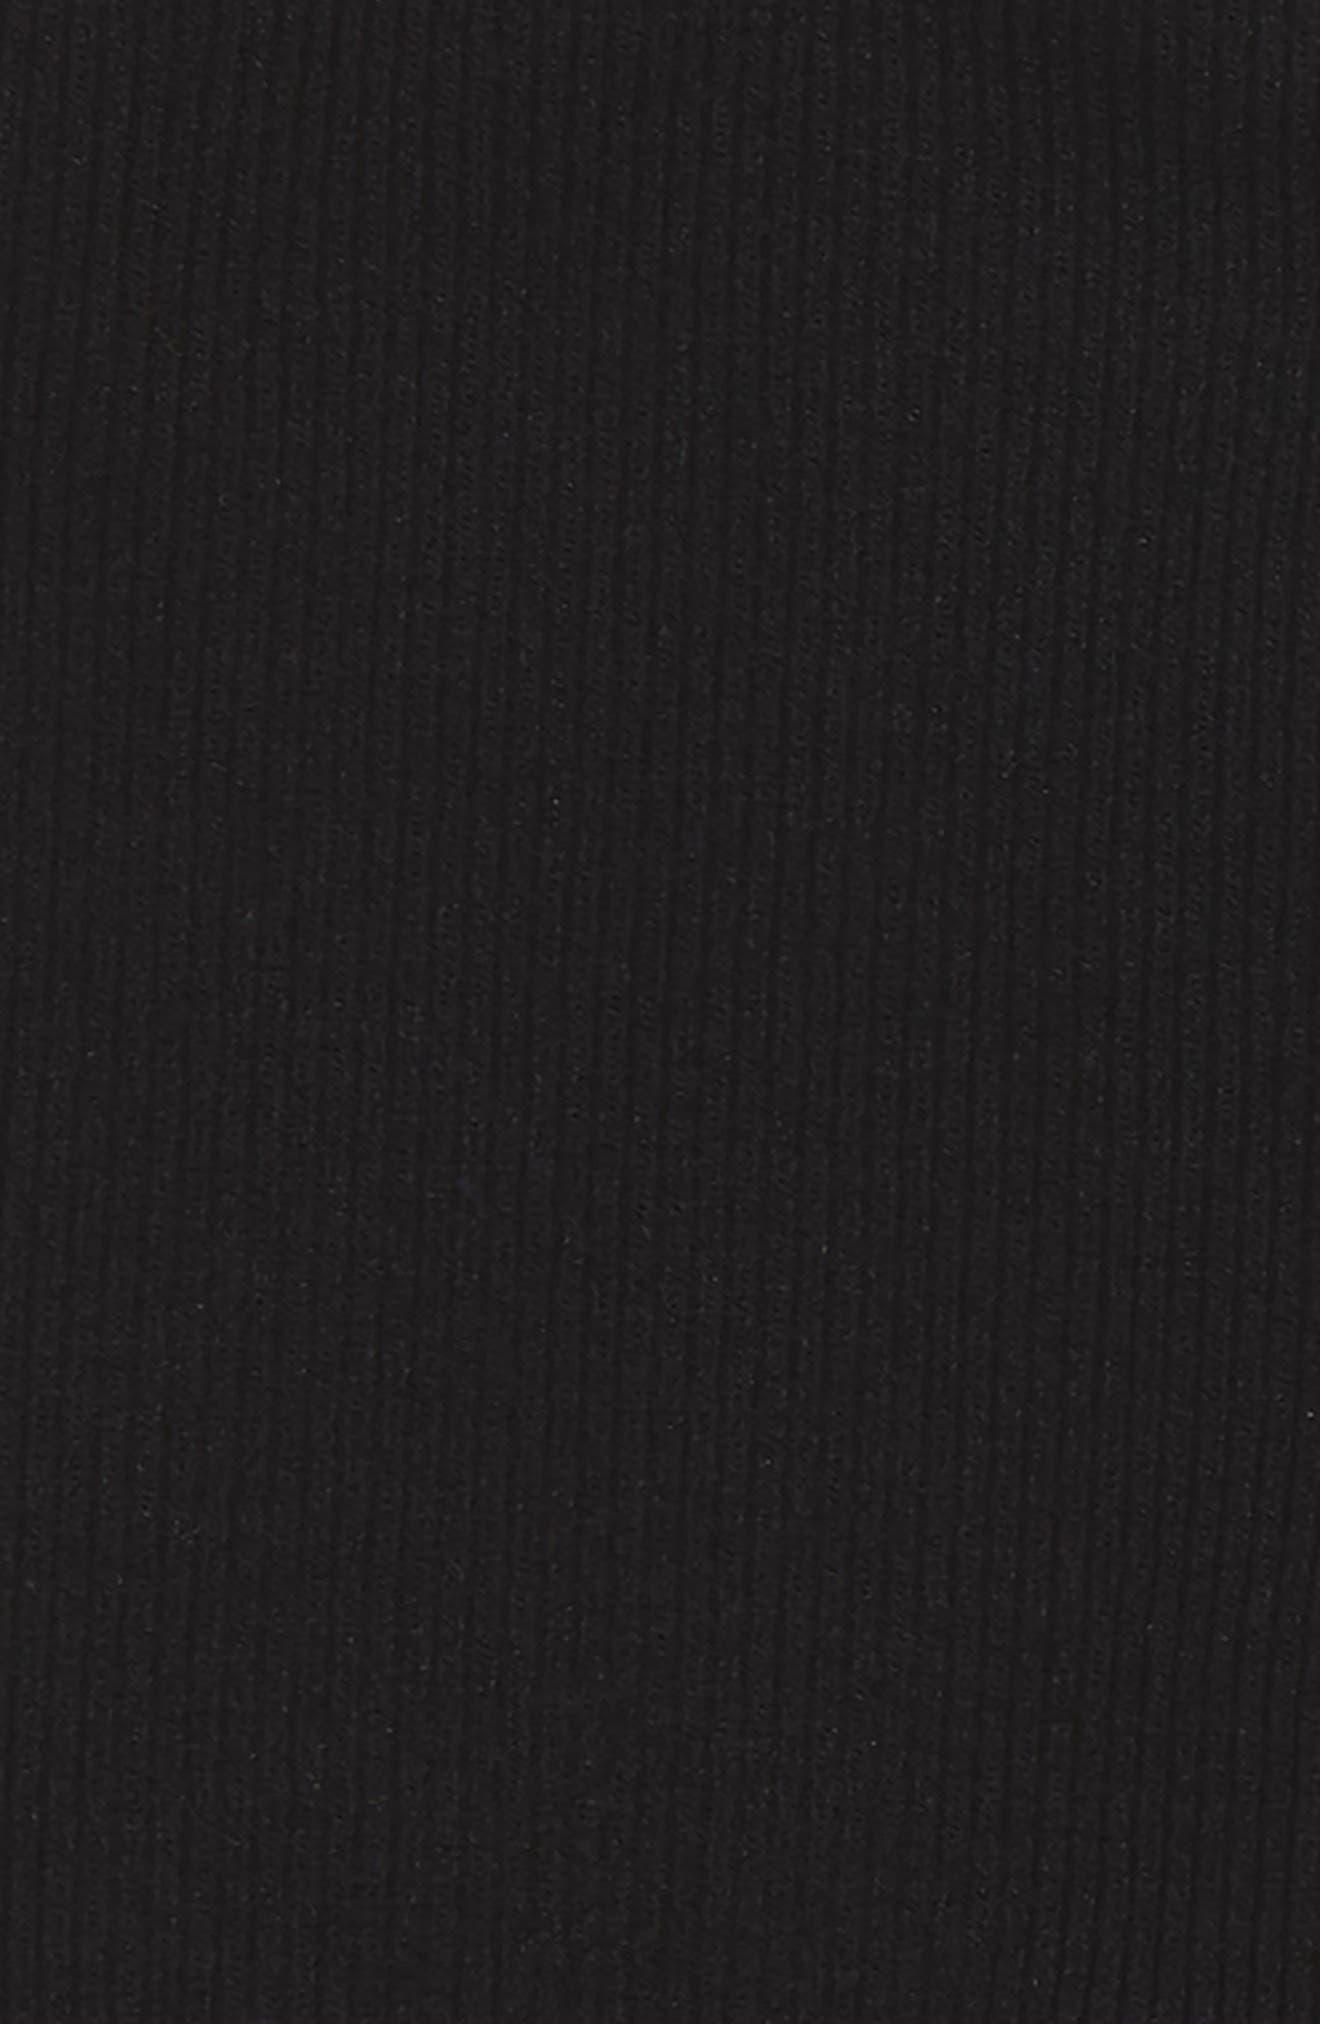 Criss Cross Bandeau Bralette,                             Alternate thumbnail 2, color,                             Black